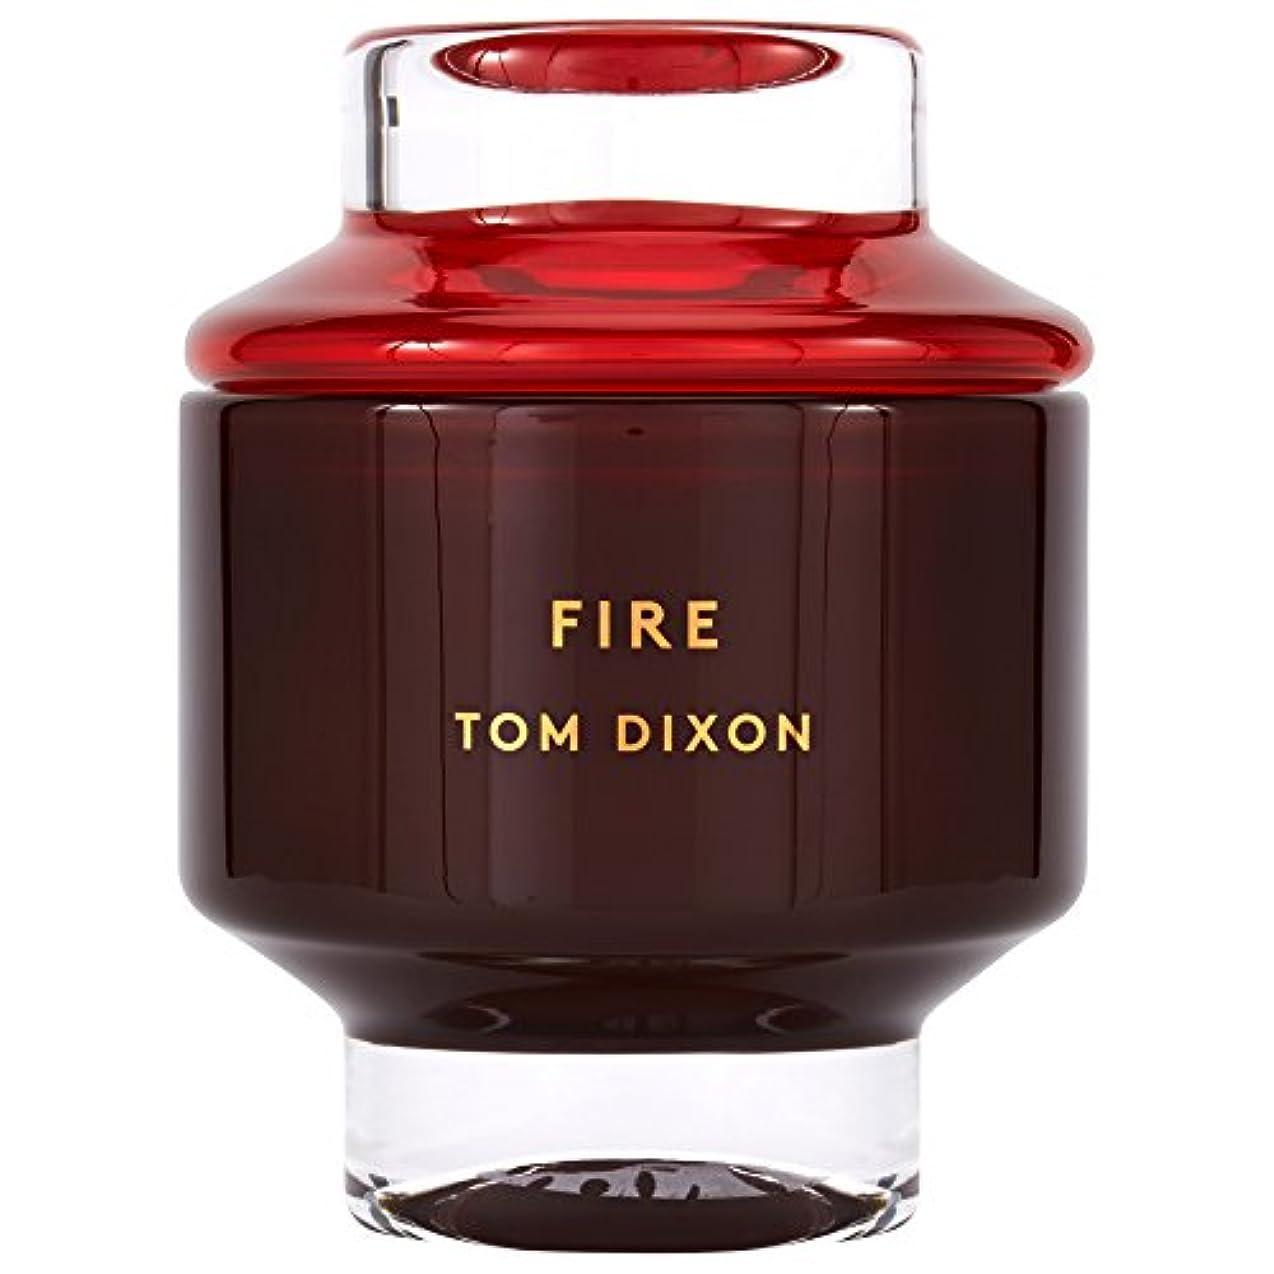 希少性ファイルヘルシーTom Dixon Fire Scented Candle Large - トム?ディクソン火災大型香りのキャンドル [並行輸入品]